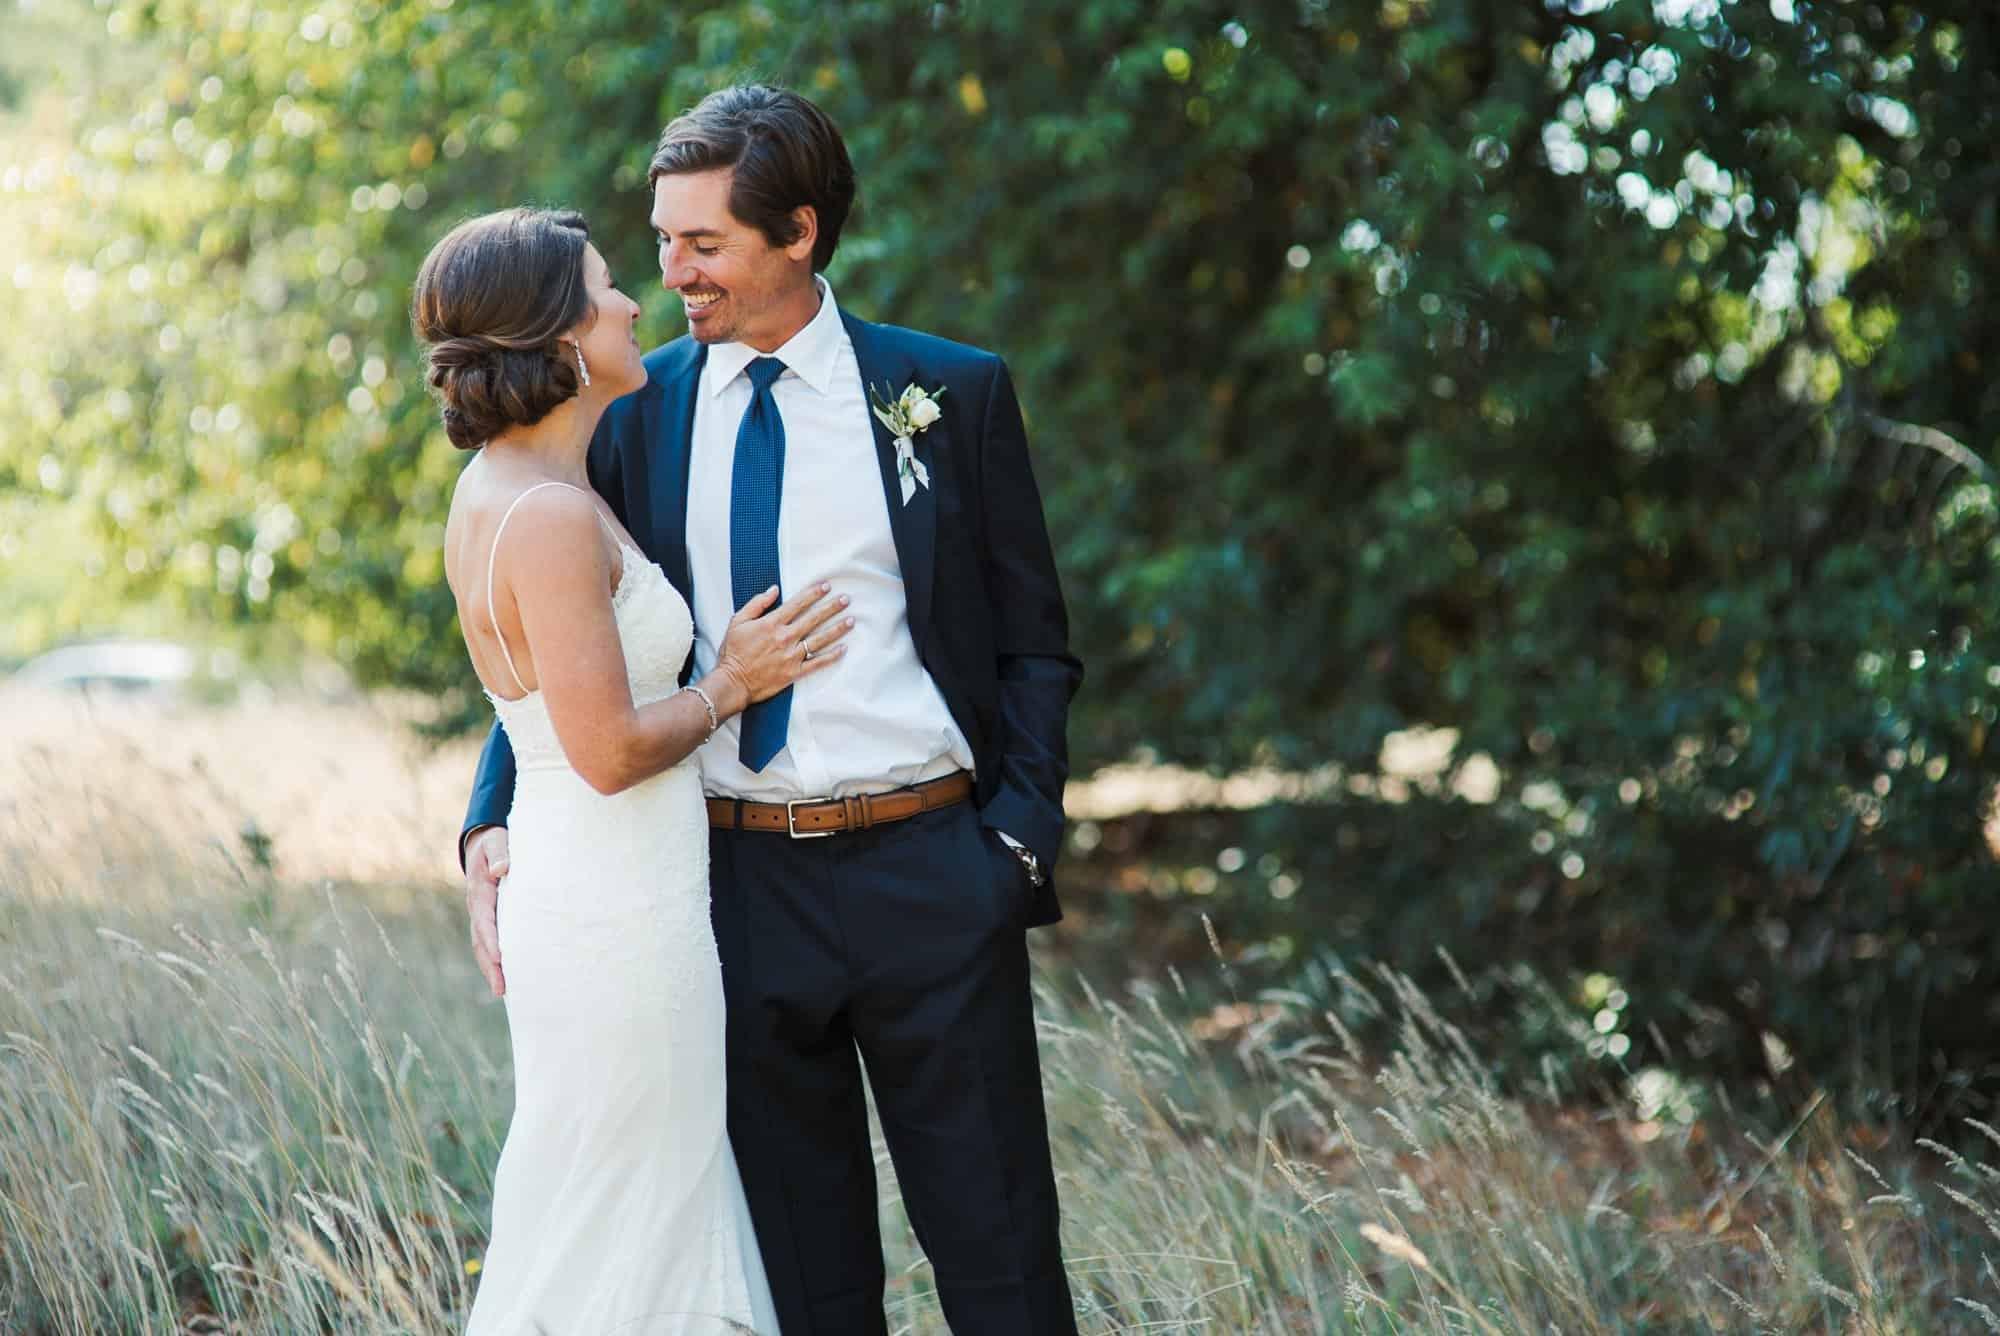 sebastopol-wedding-photographer-22